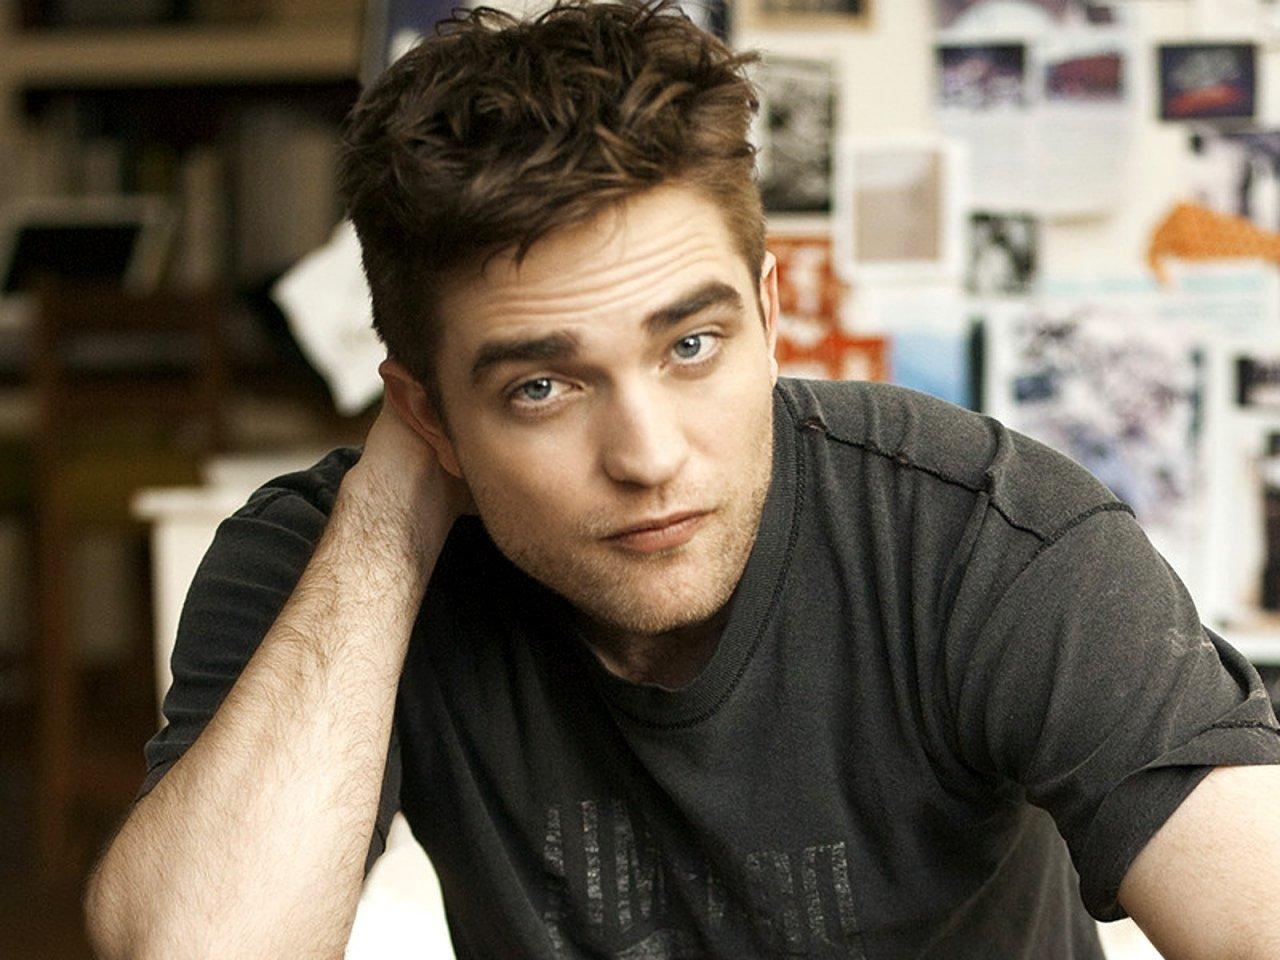 Robert Pattinson - Robert Pattinson Wallpaper (18576593) - Fanpop Robert Pattinson